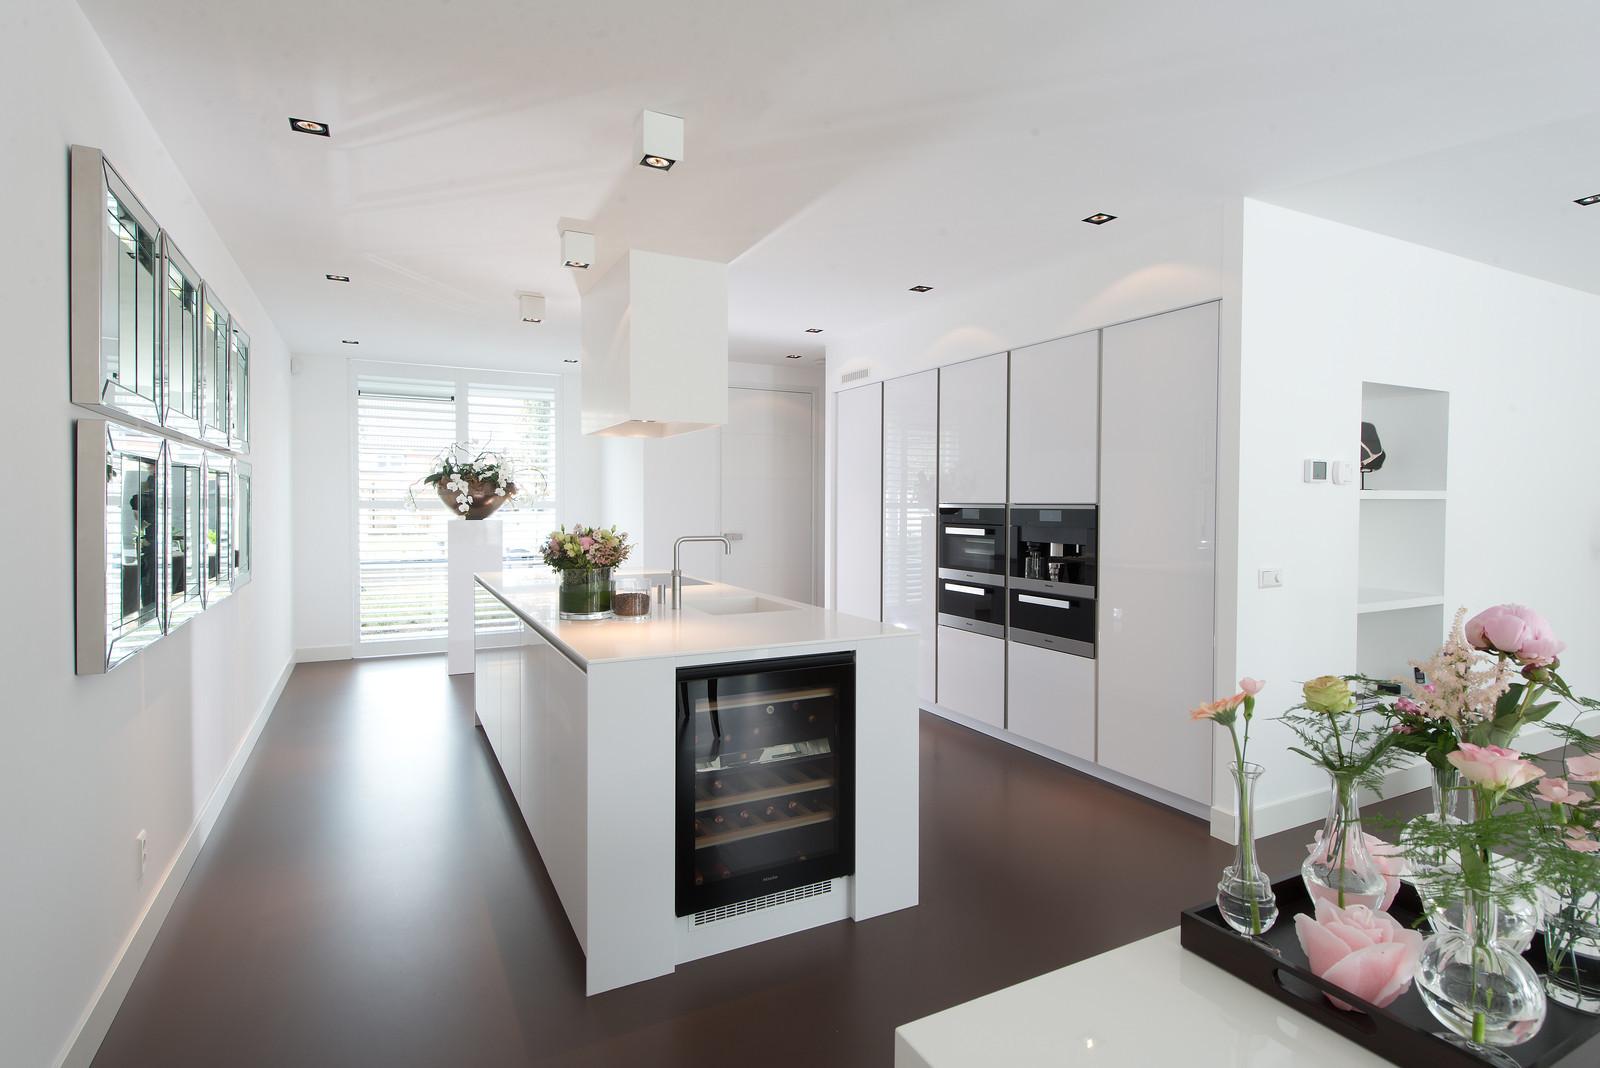 Keuken Strak Design : design keuken – Nieuws Startpagina voor keuken idee?n UW-keuken.nl